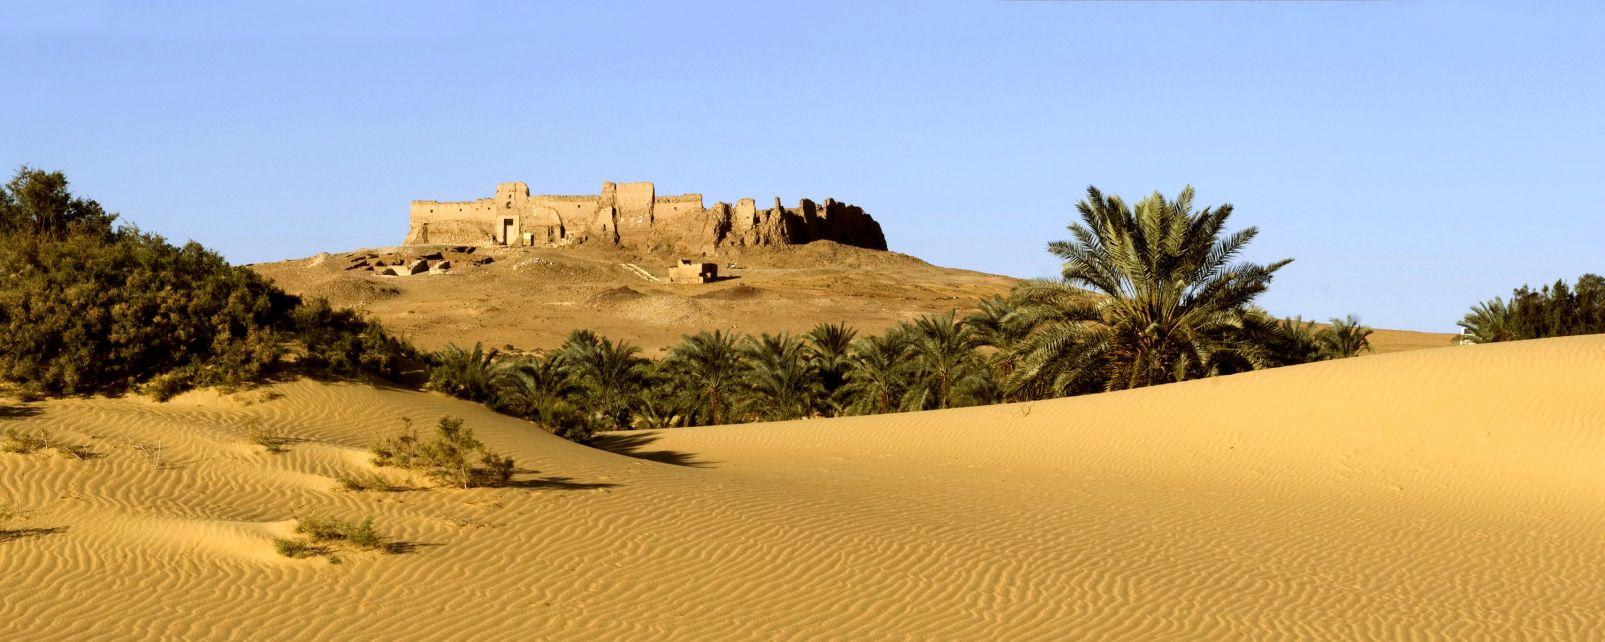 Les sites, Africa//Afrique, castle//chateau, desert, dryness//sec, dunes//dunes, Egypt//Egypte, Middle-East//Moyen-Orient, outside//exterieur, perspective//perspective, sand//sable